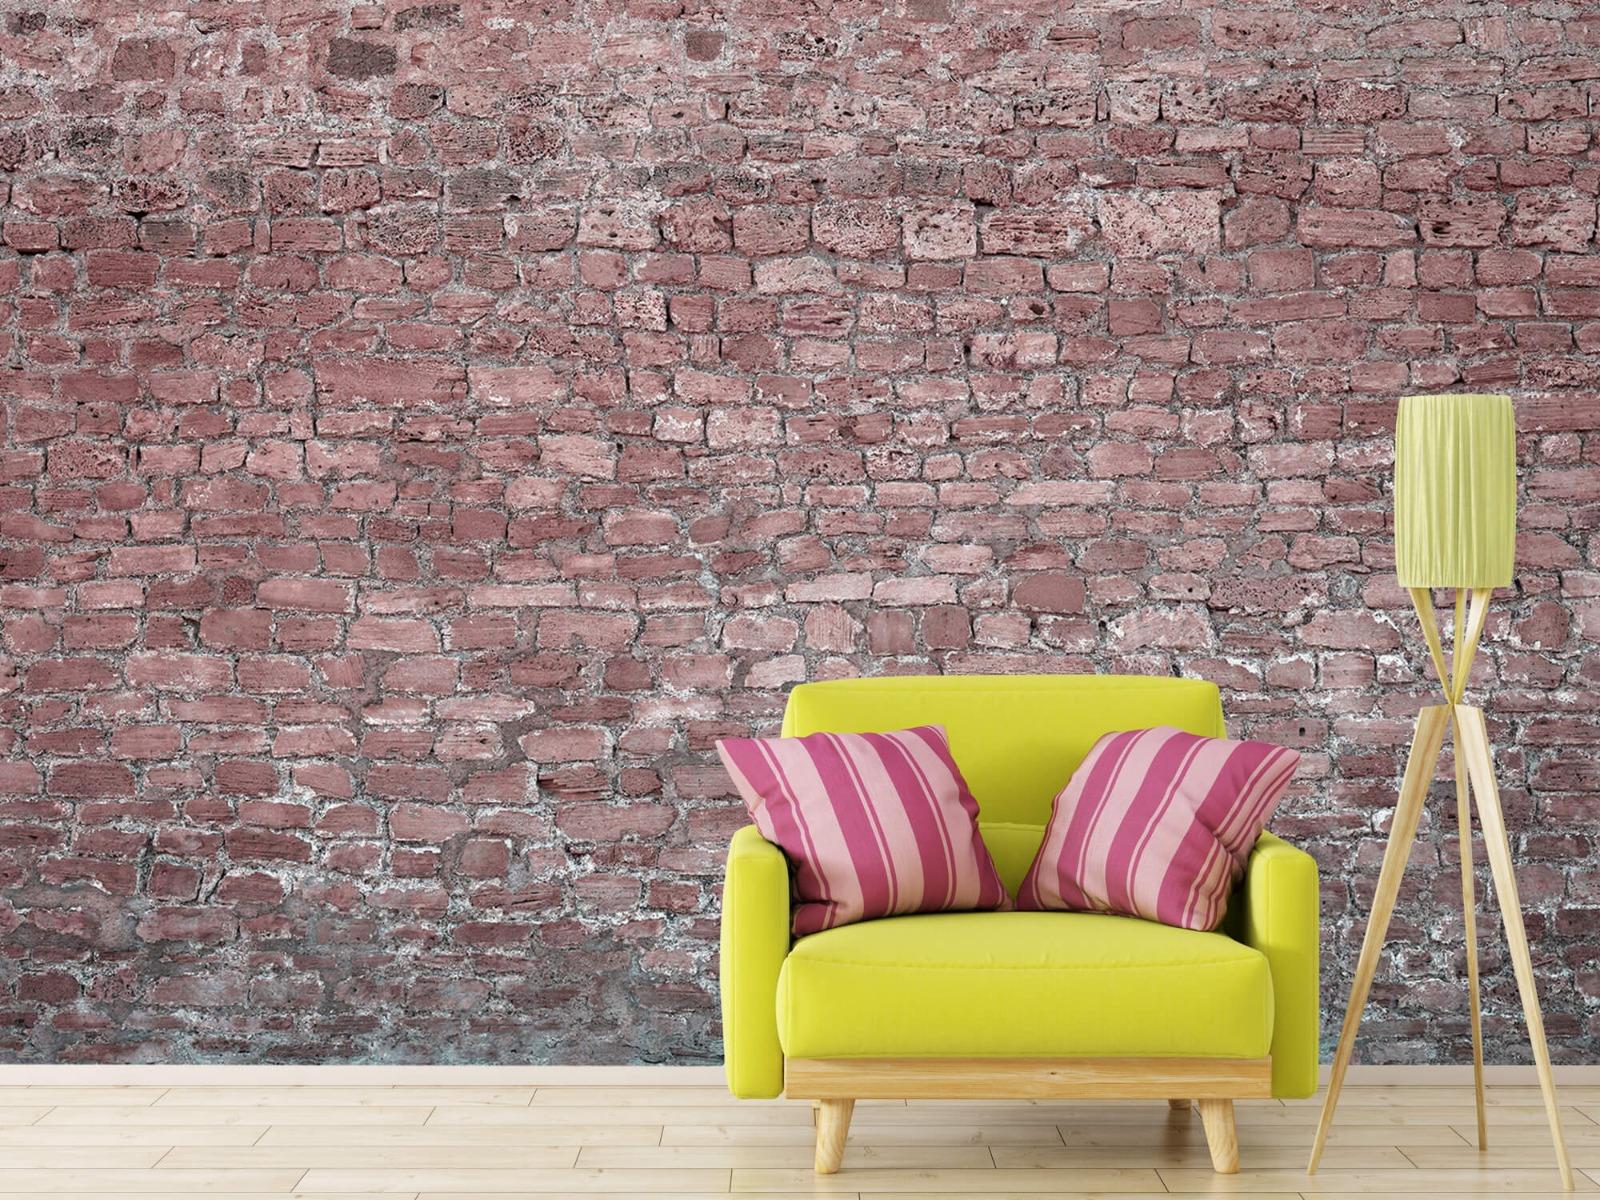 Steen behang - Muur van oude stenen - Tienerkamer 17